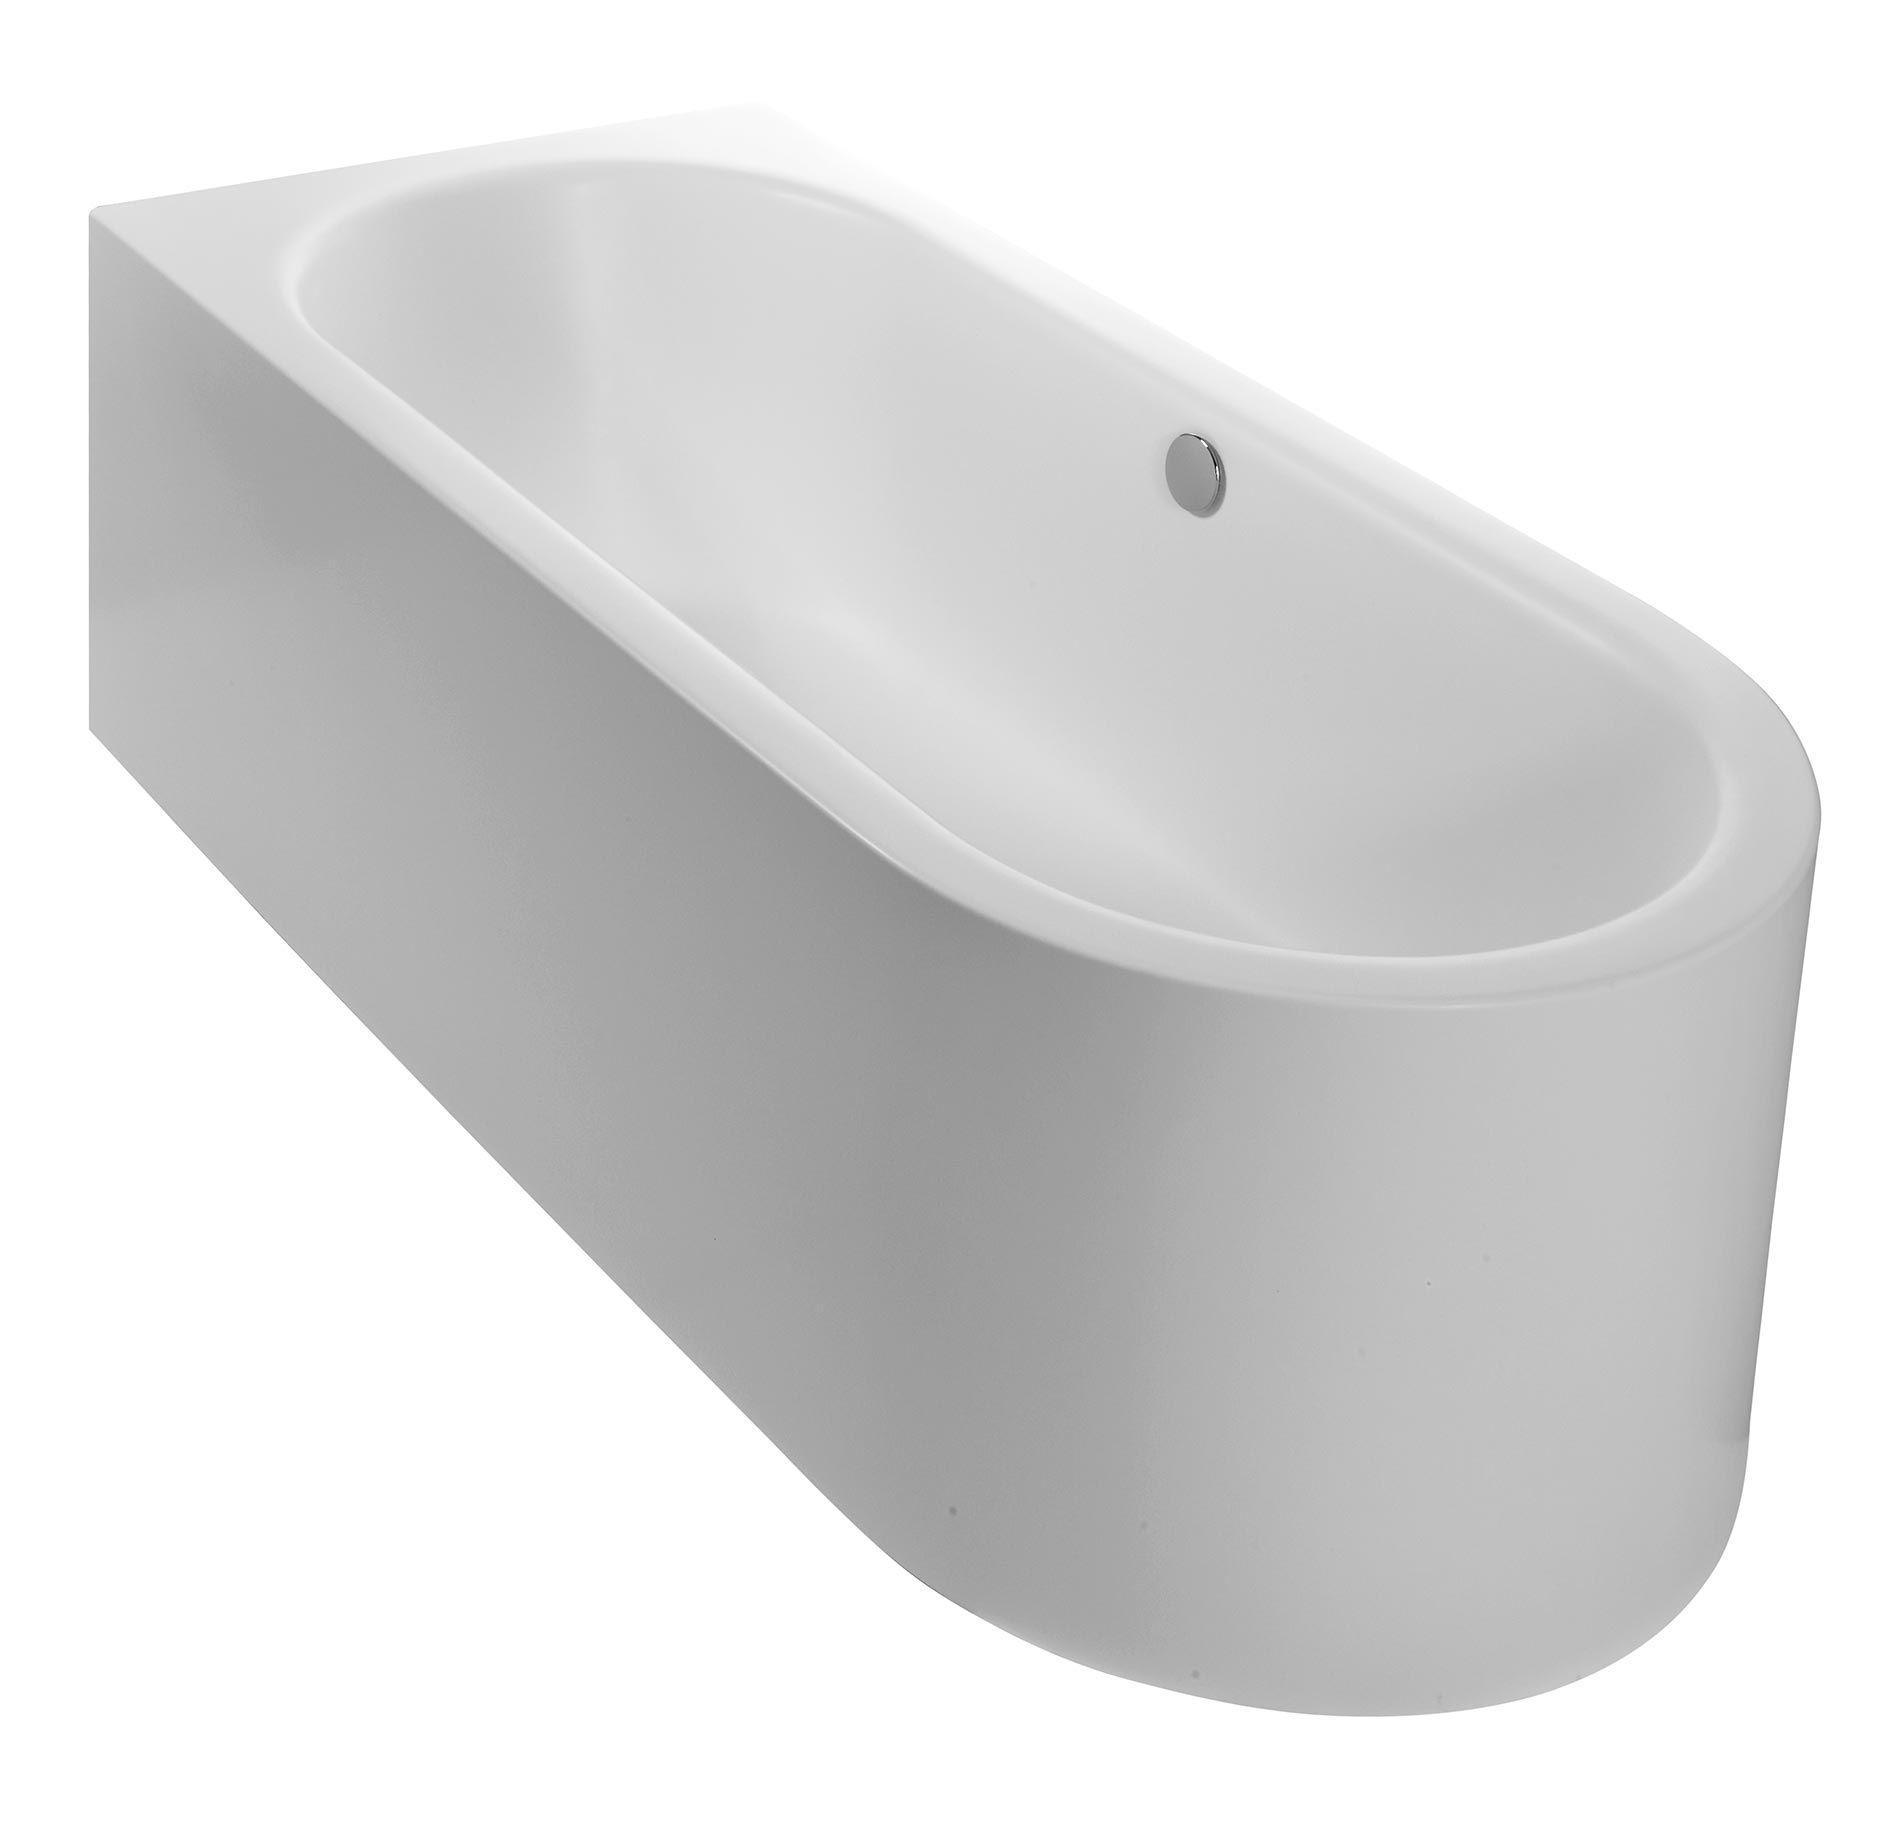 Ideen Fur Freistehende Badewanne An Der Wand Von Mauersberger Badewanne Freistehende Badewanne Wanne